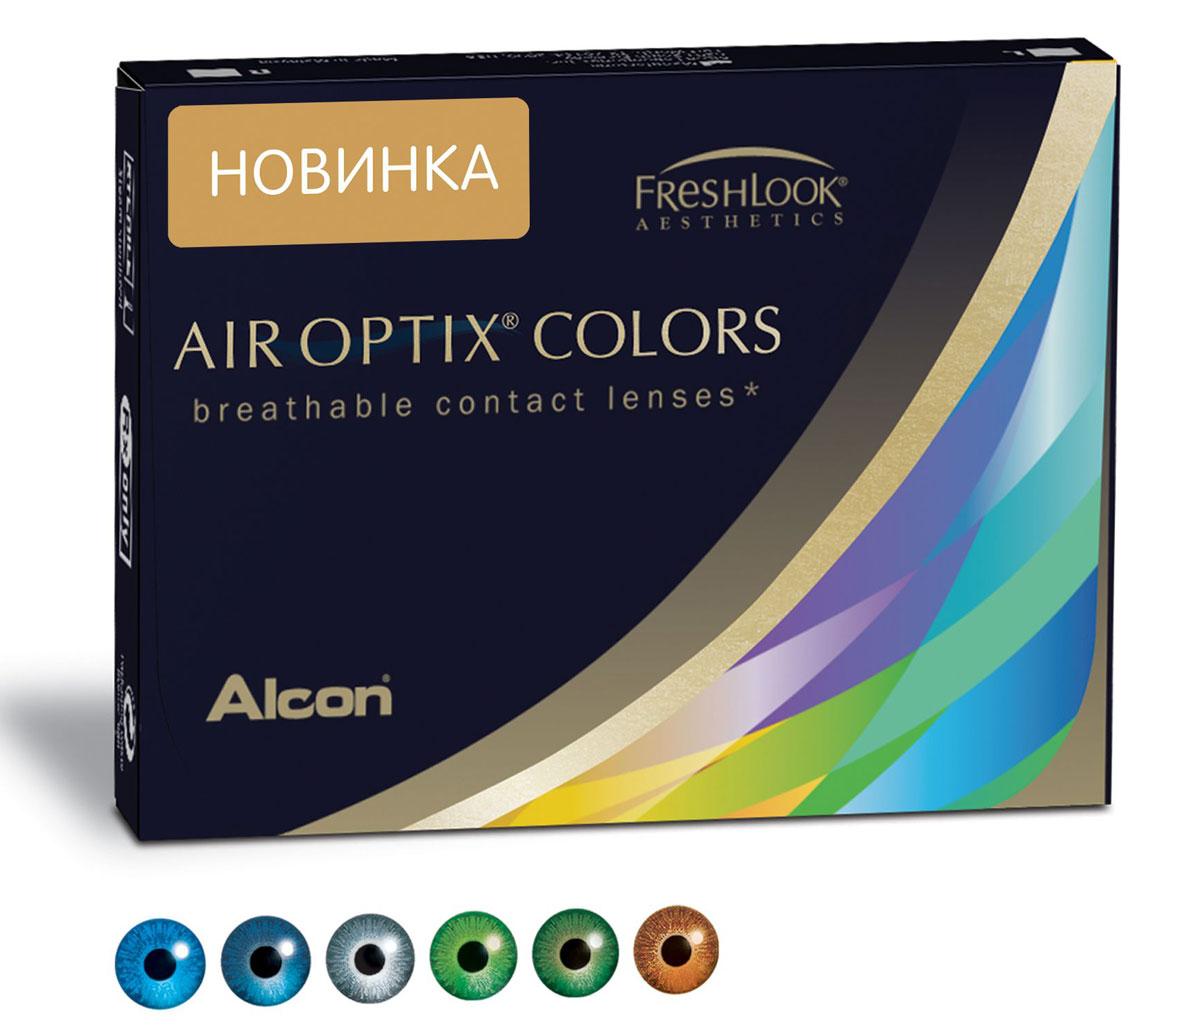 Аlcon контактные линзы Air Optix Colors 2 шт -2.50 Green31746180Мягкие контактные линзыКонтактные линзы или очки: советы офтальмологов. Статья OZON Гид